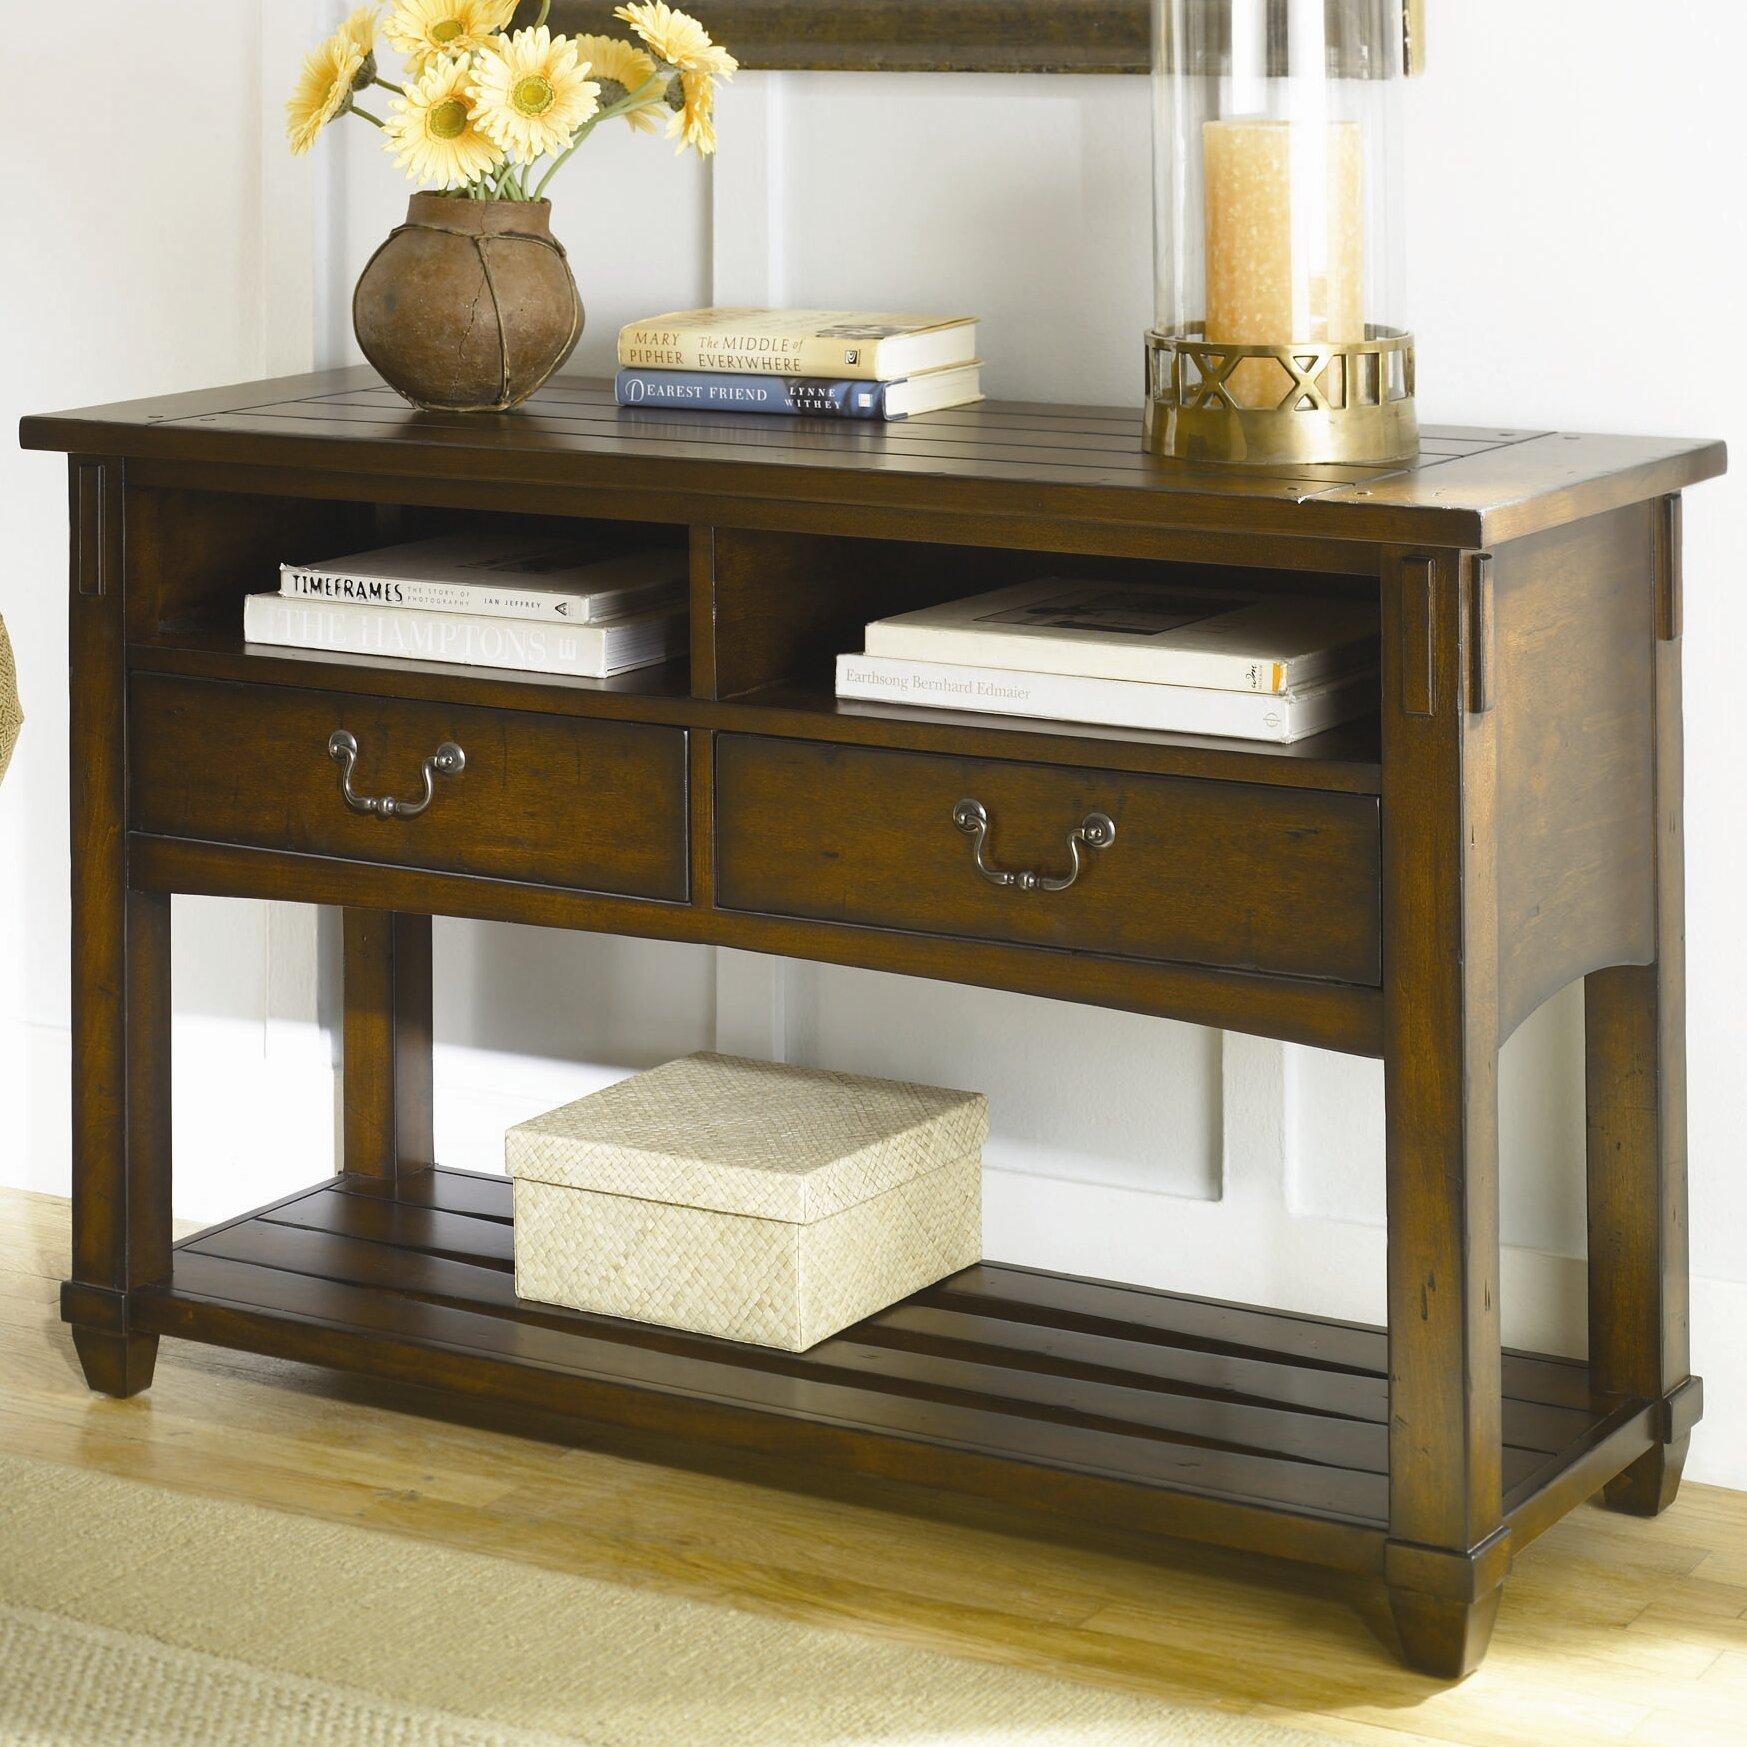 Hammary sofa table centerfieldbar hammary console sofa tables you ll love wayfair geotapseo Image collections